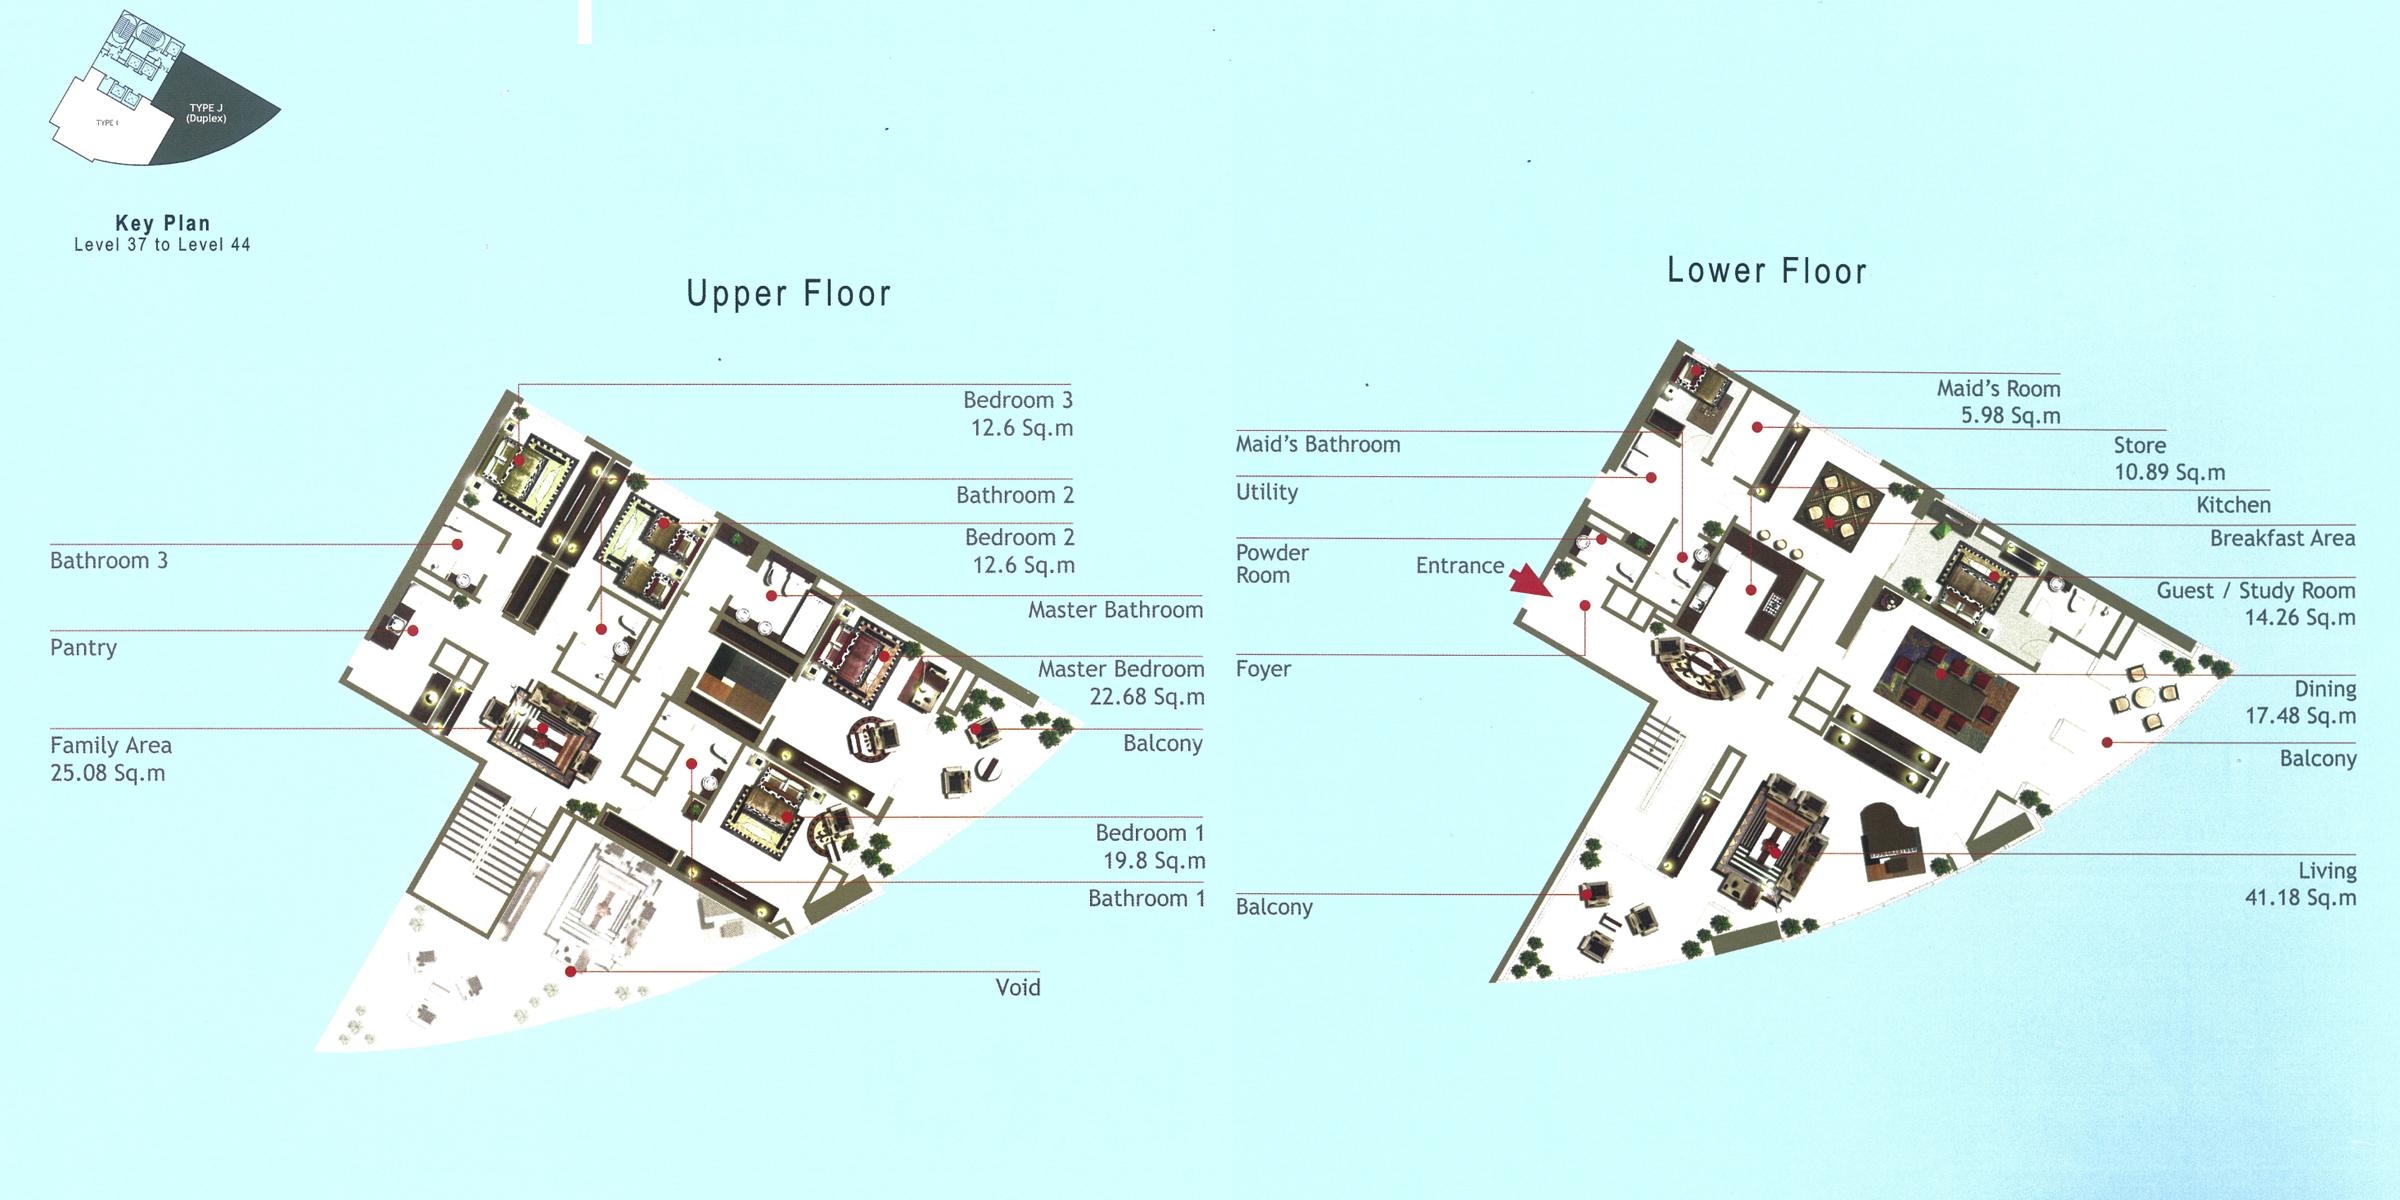 Rak Tower Floor Plan 4 Bedroom Flat Type J